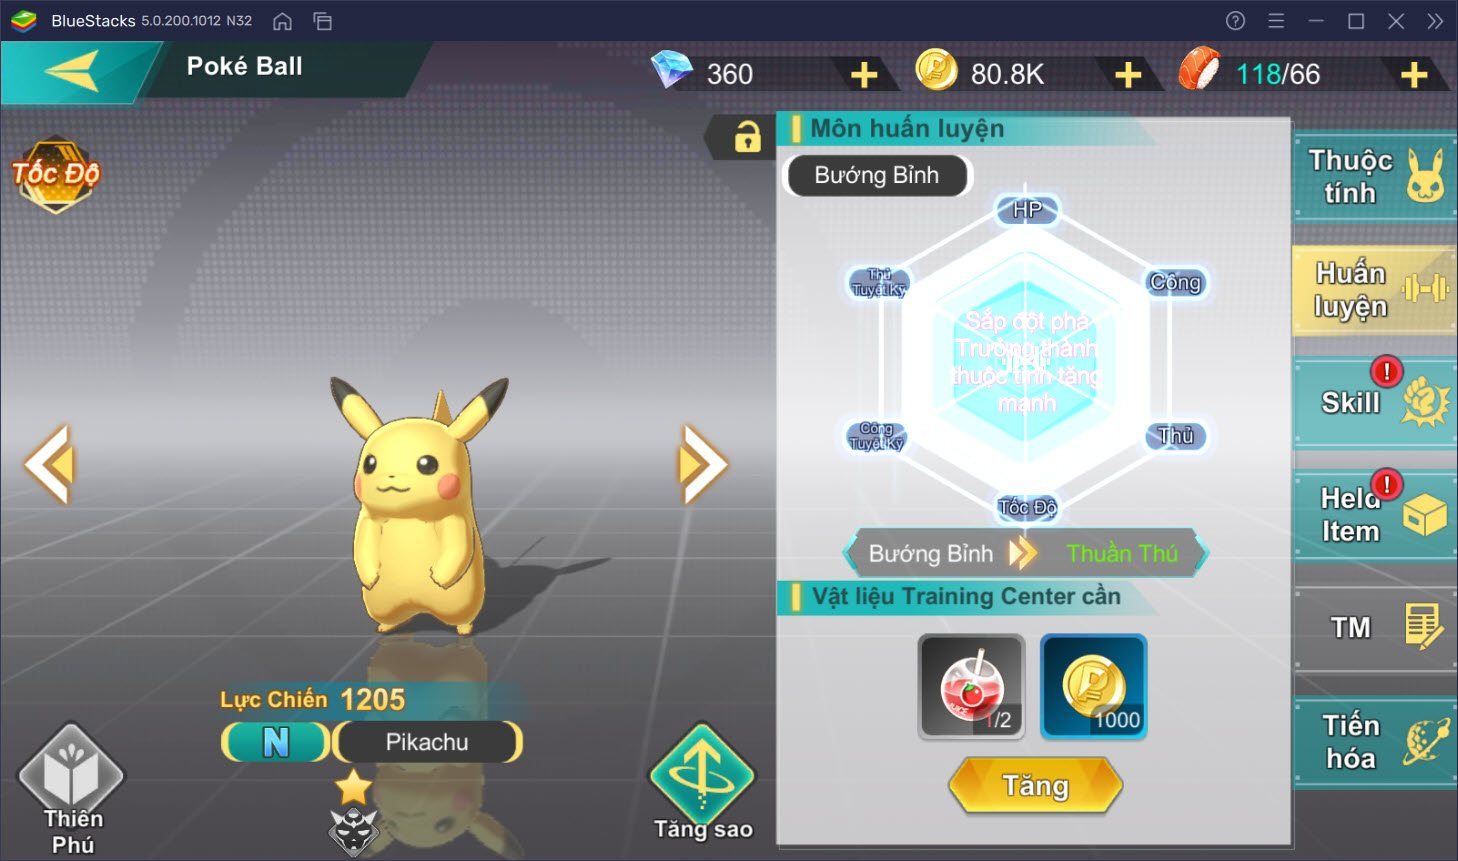 Hướng dẫn nâng cấp, tiến hóa Pokemon trong Bảo Bối Huyền Thoại